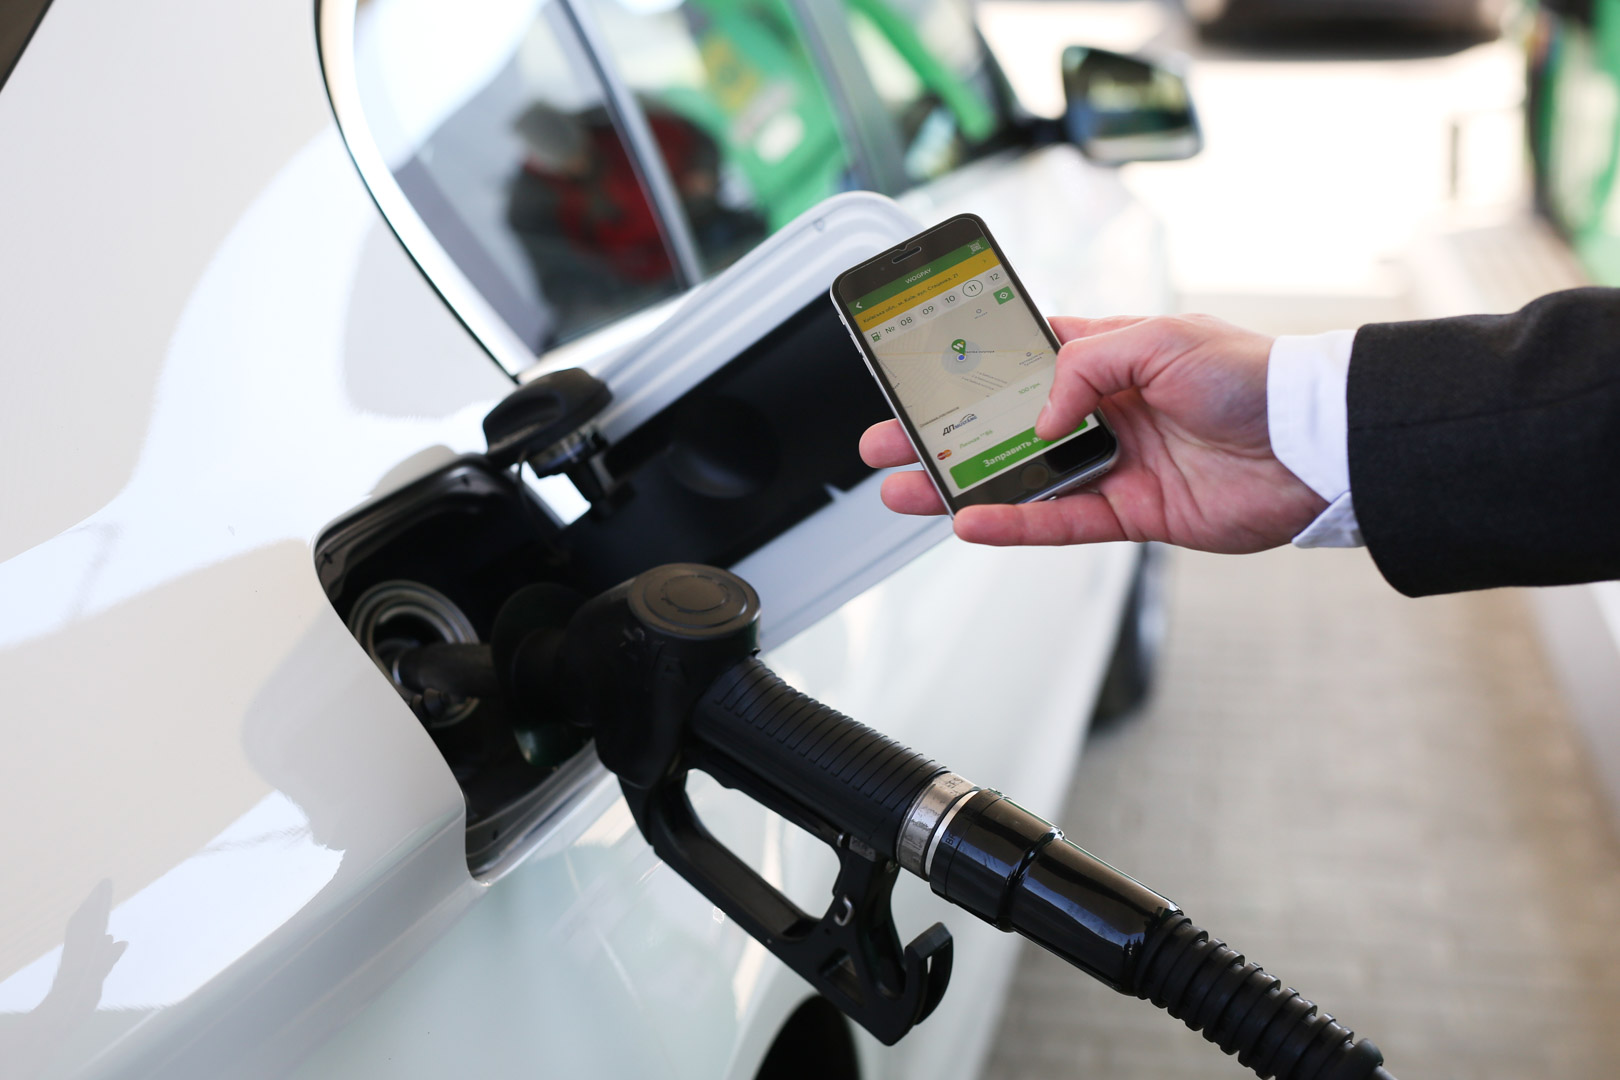 Masterpass позволяет украинцам платить за топливо на АЗК WOG с помощью смартфона, не отходя от авто.Вокруг Света. Украина